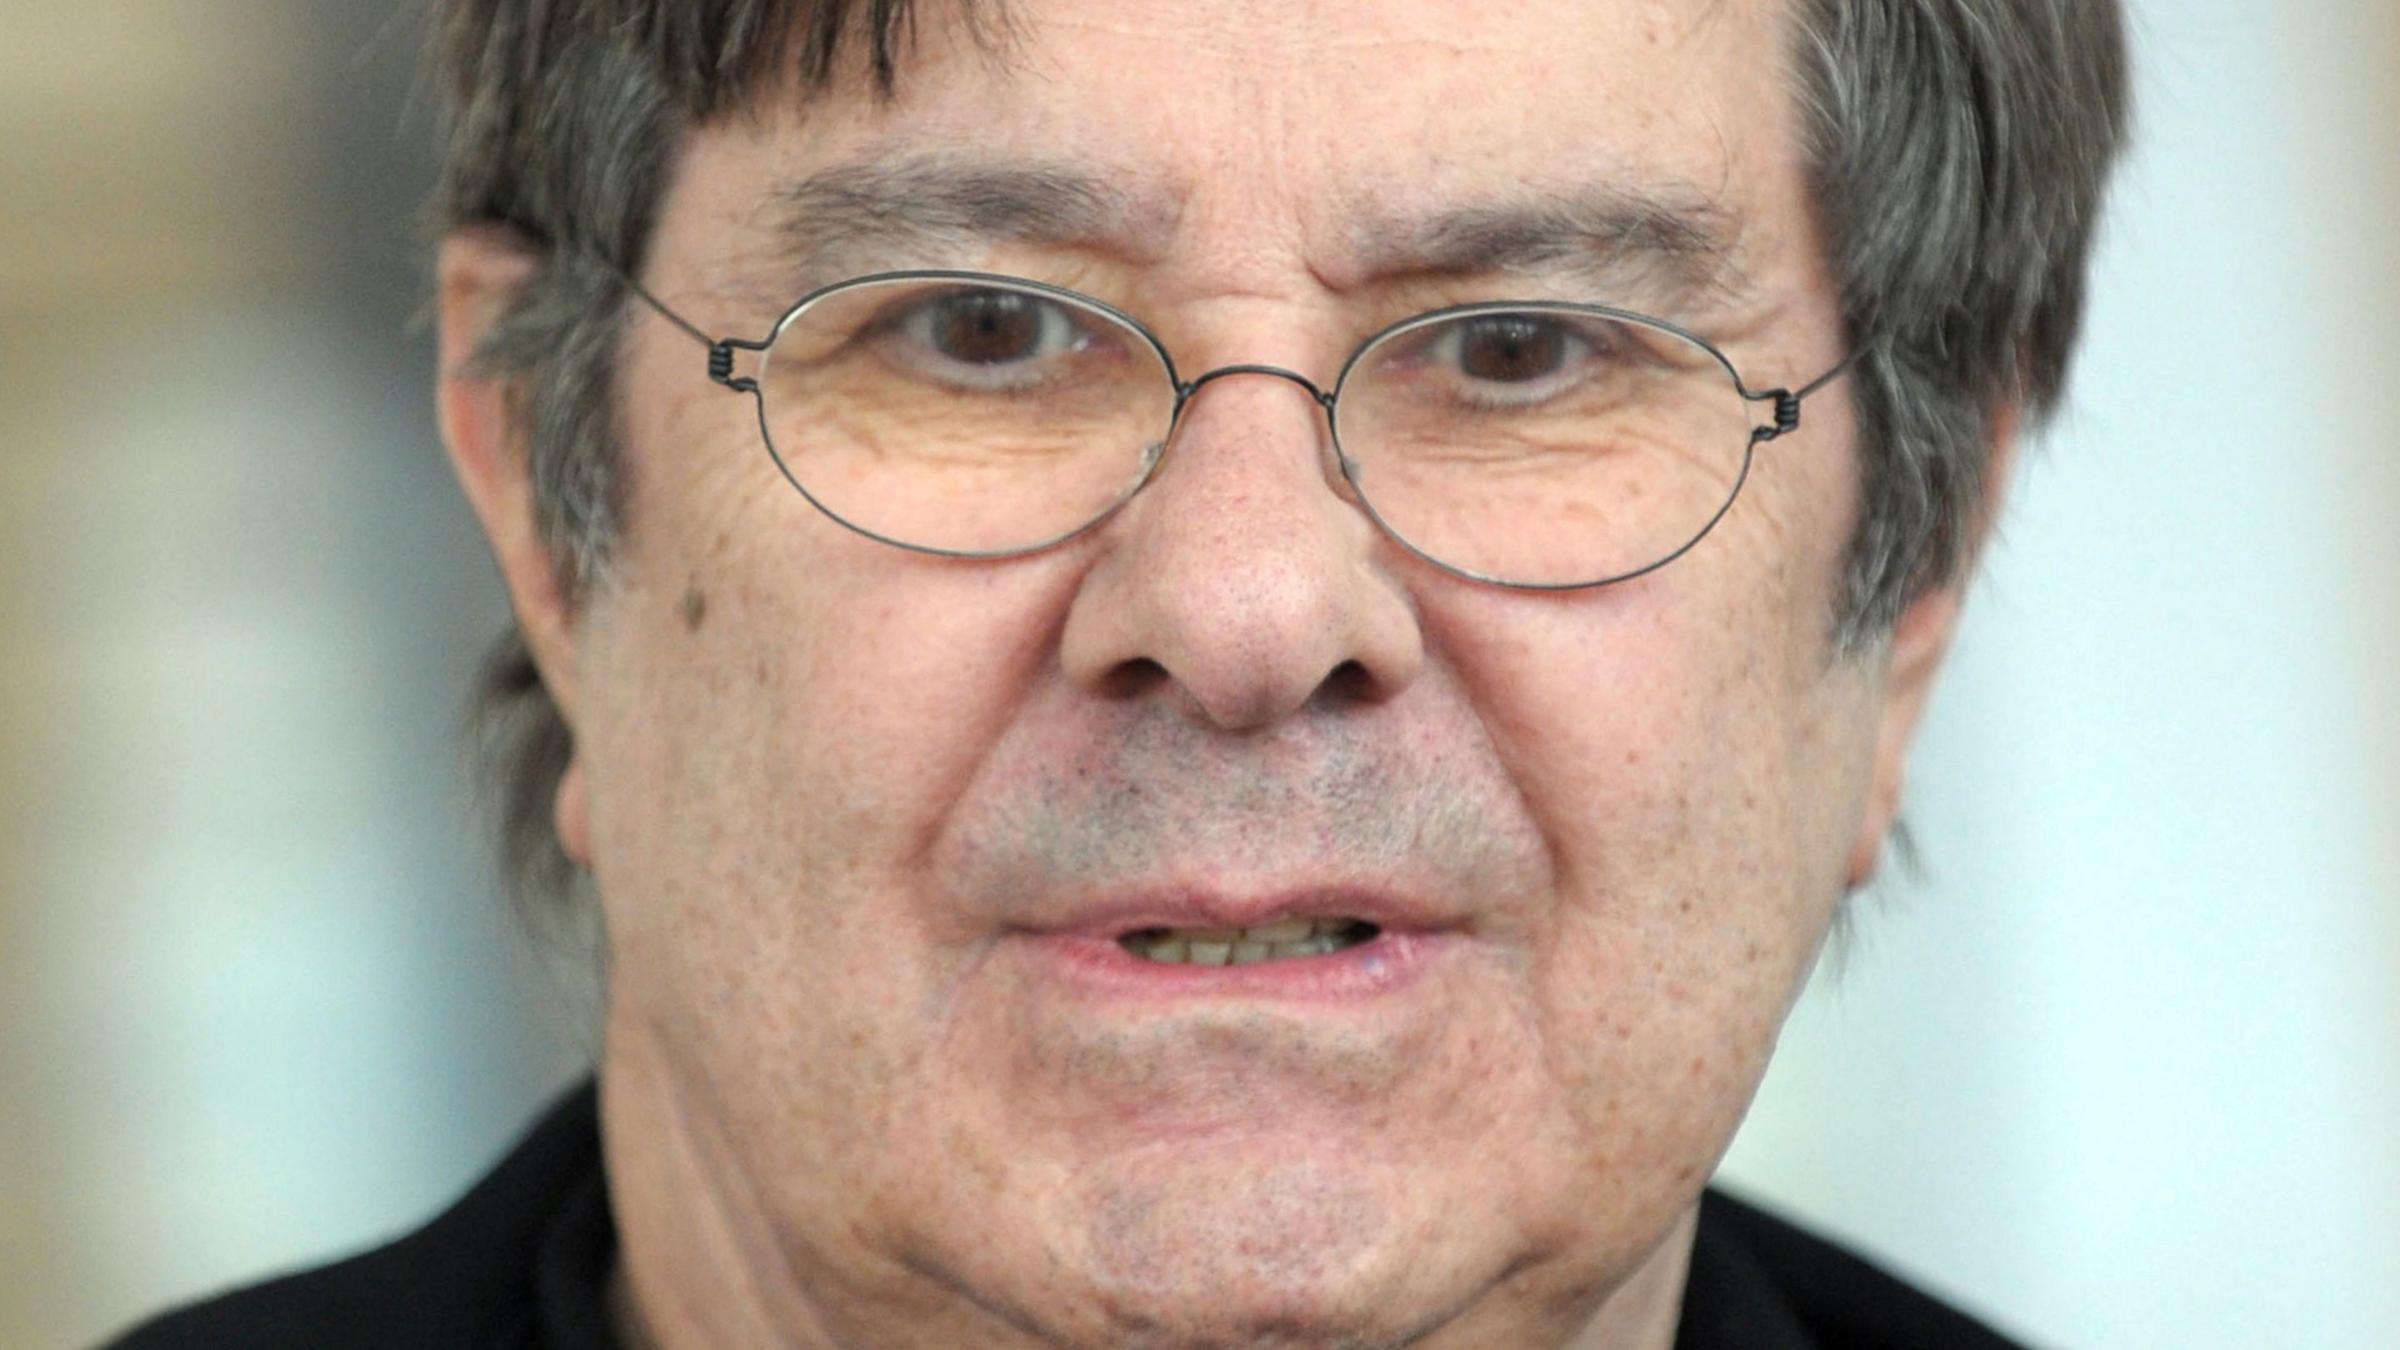 Tod Im Alter Von 87 Jahren Trauer Um Traumschiff Schauspieler